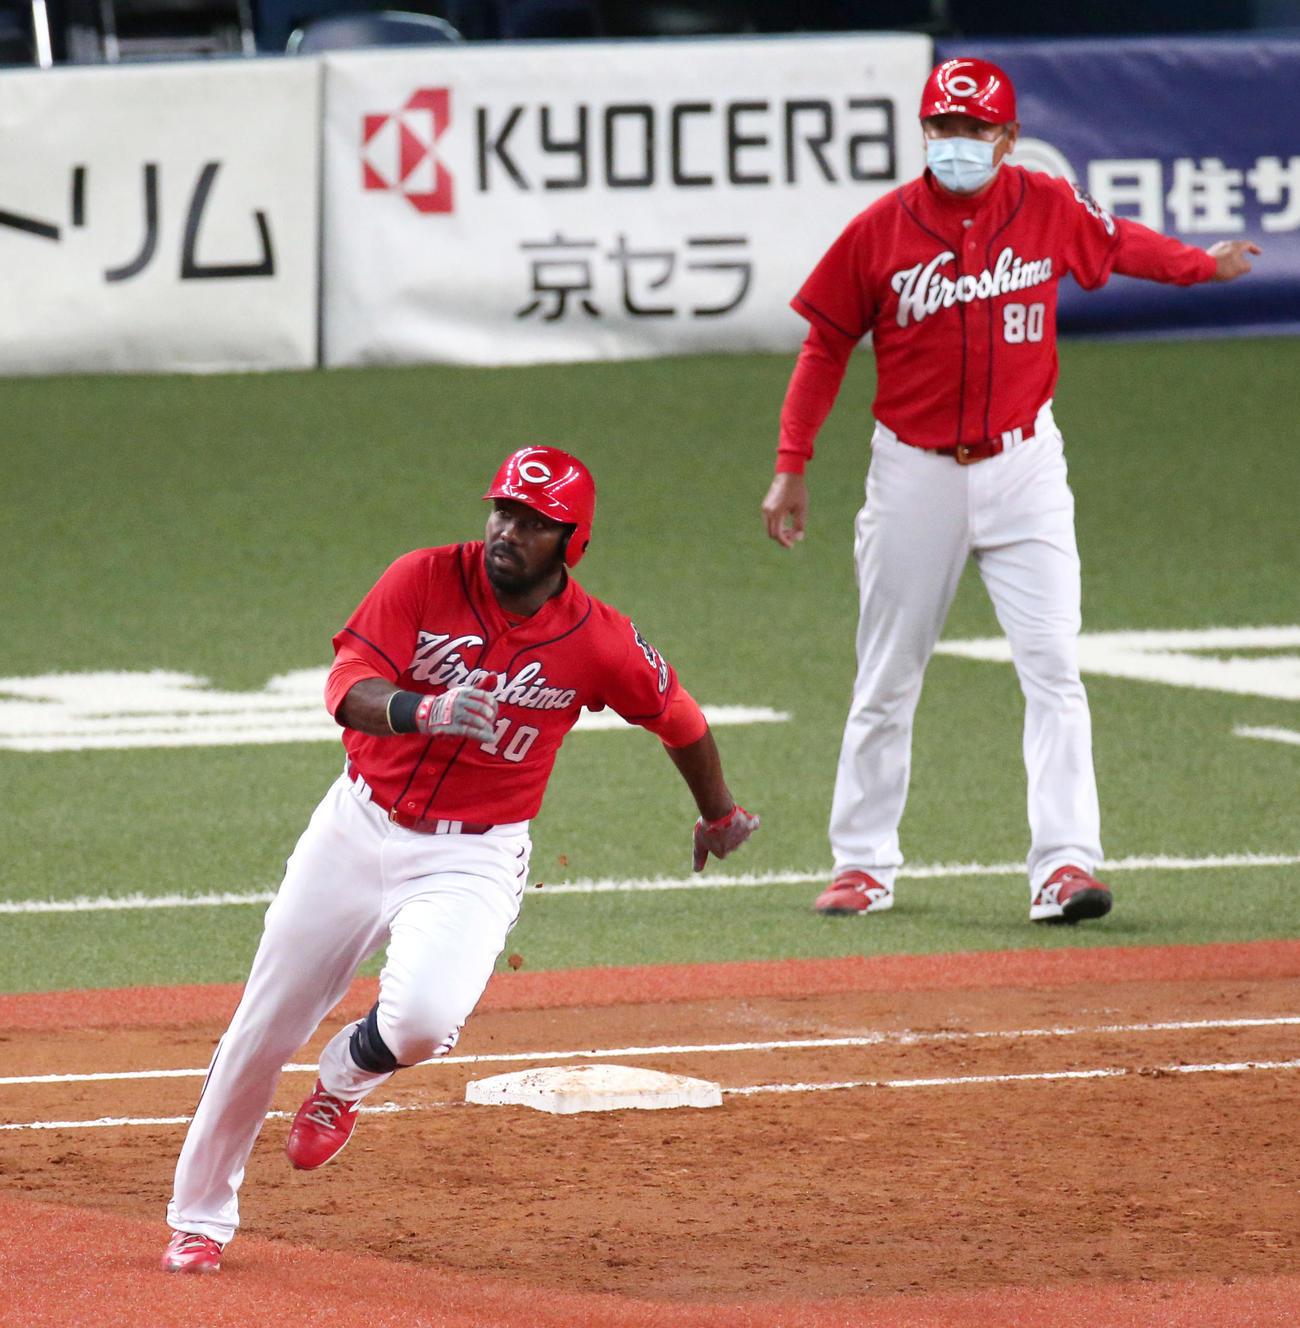 オリックス対広島 5回表広島2死二、三塁、ピレラは右に2点適時二塁打を放ち二塁に向かう(撮影・上山淳一)